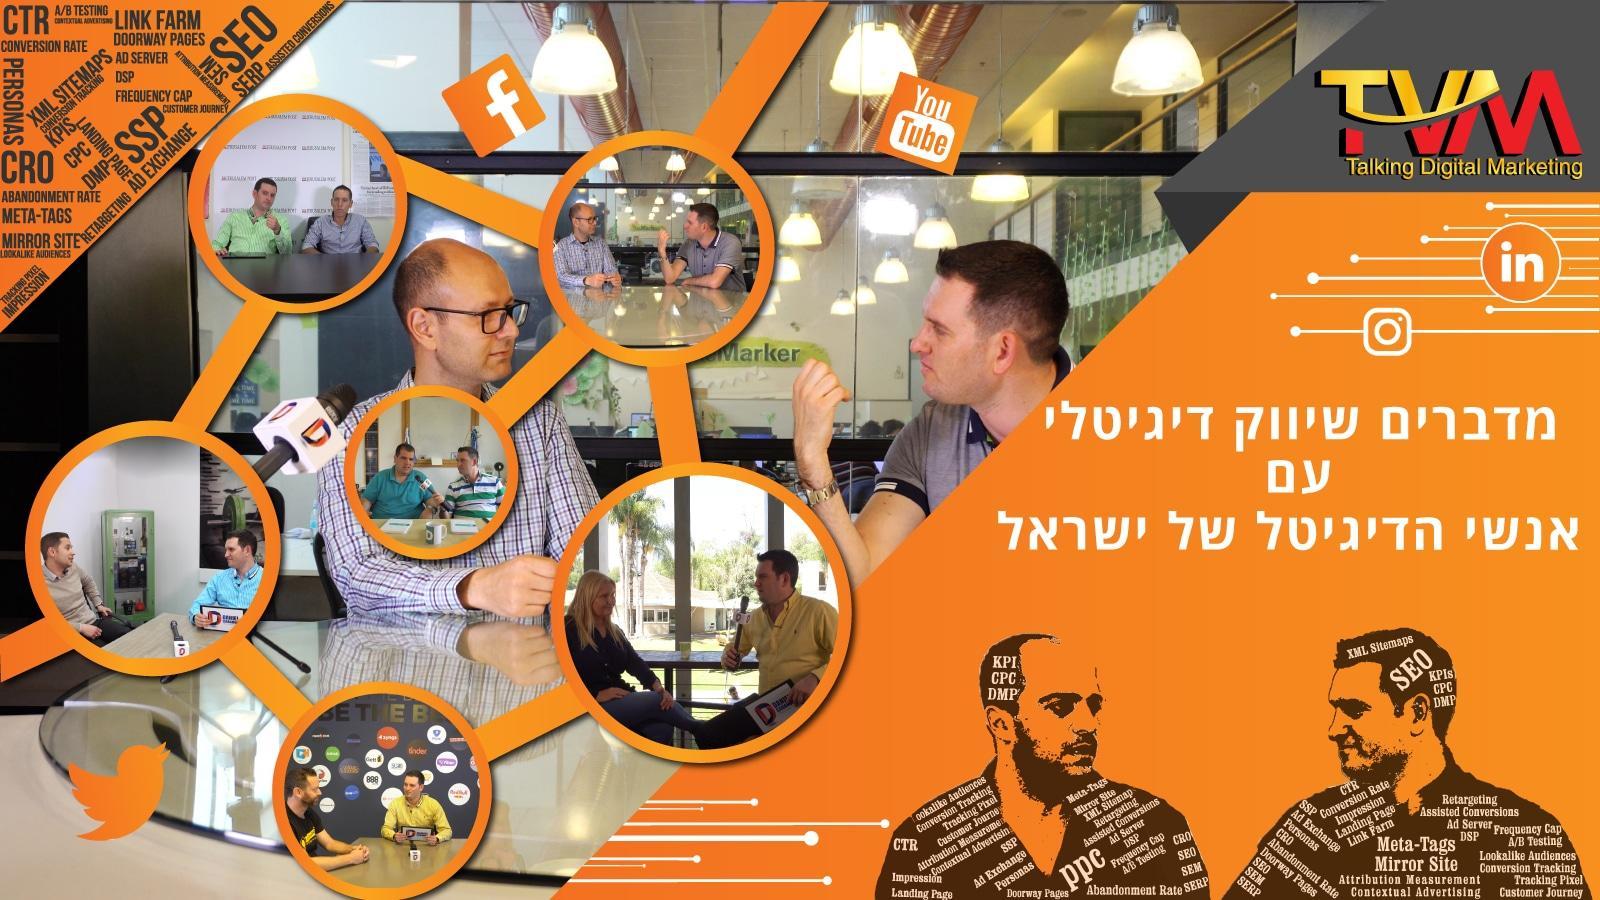 TVM מדברים שיווק דיגיטלי